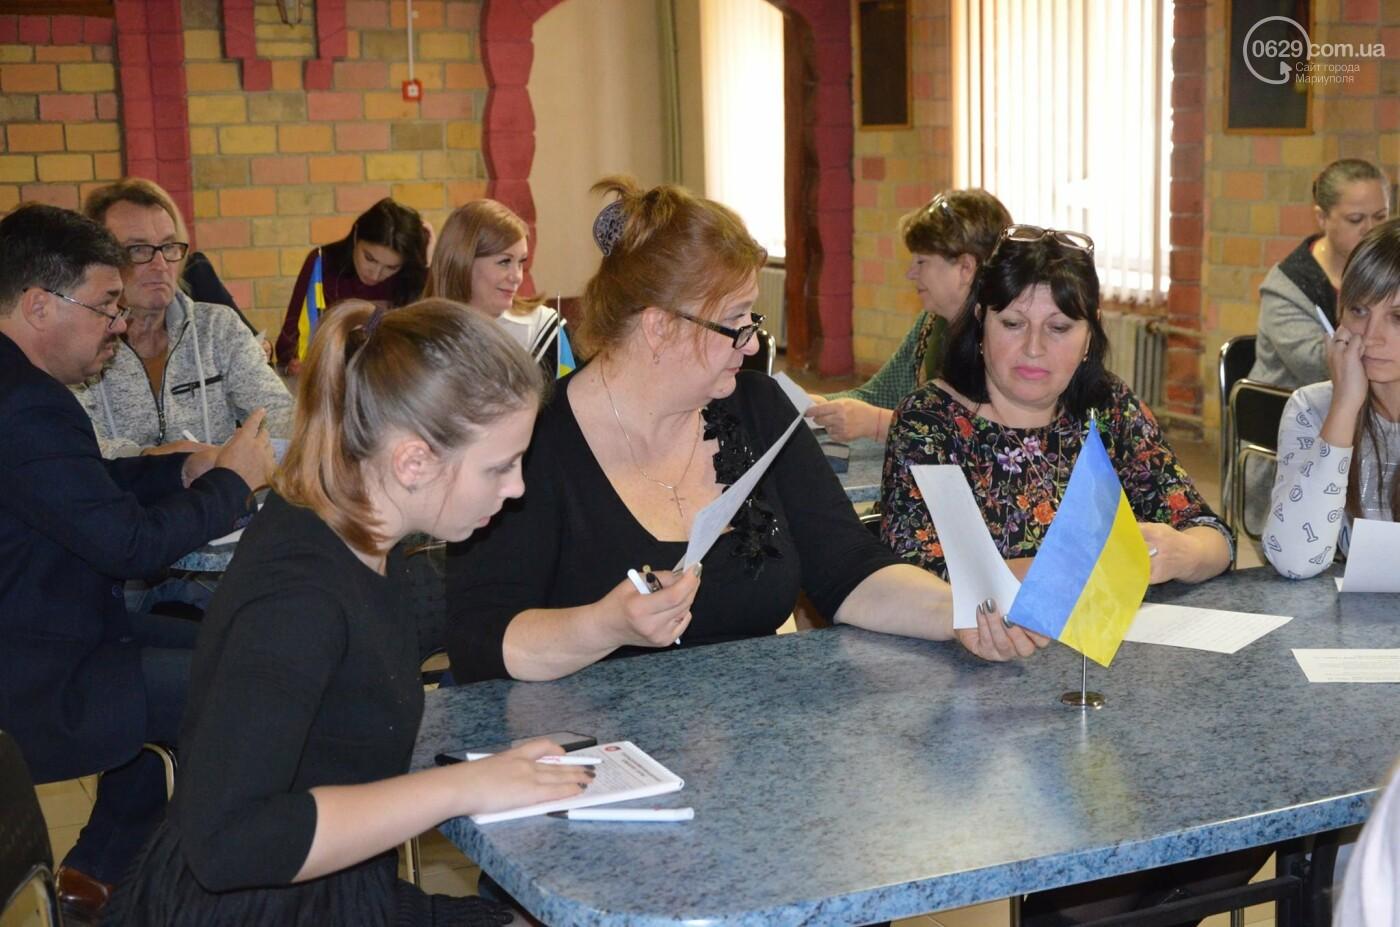 Мариупольцы проверили знание украинского языка, - ФОТО, ВИДЕО, фото-3